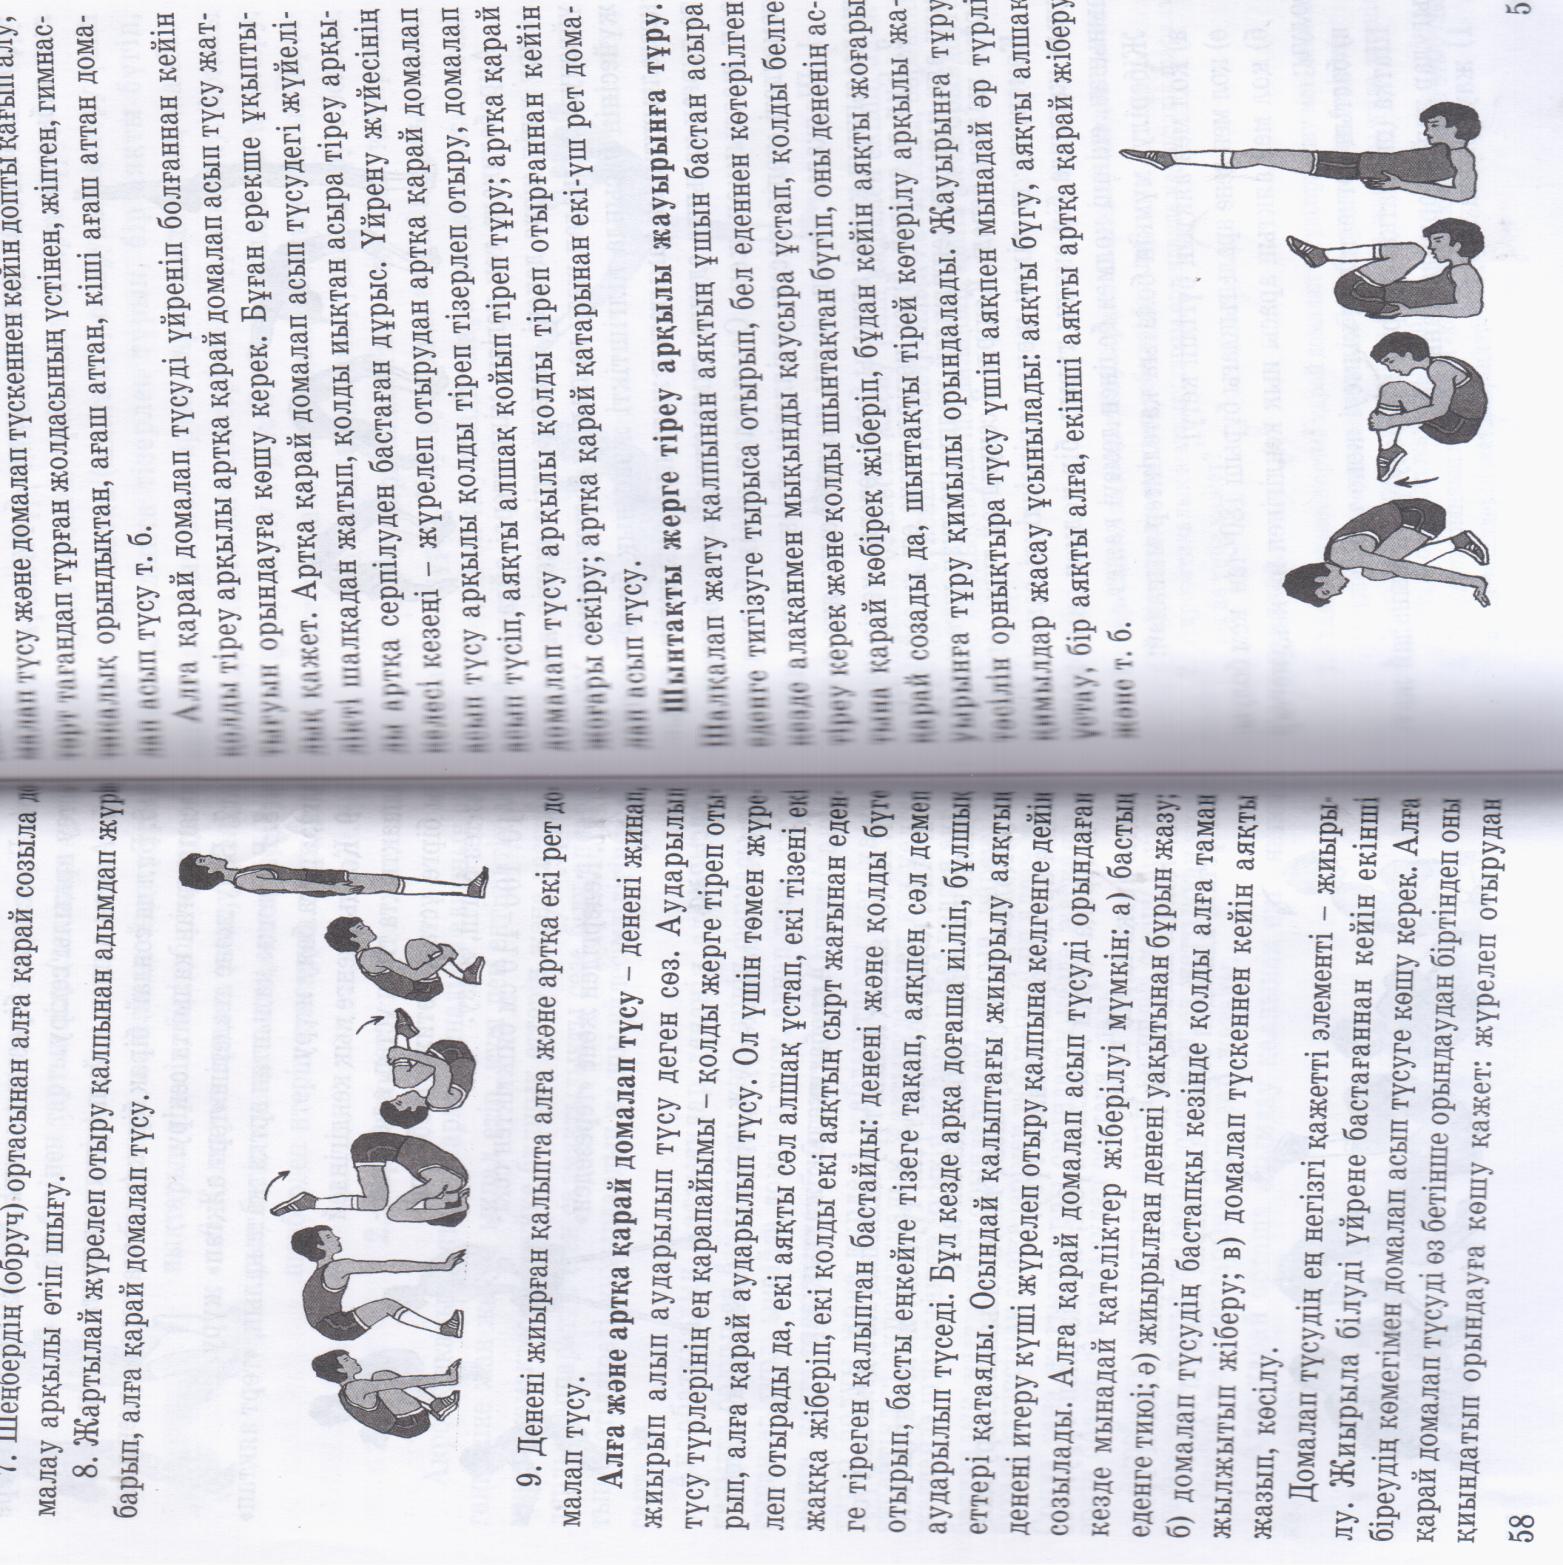 C:\Documents and Settings\Администратор\Рабочий стол\Новая папка (3)\Отсканировано 16.12.2014 17-40 (4).bmp